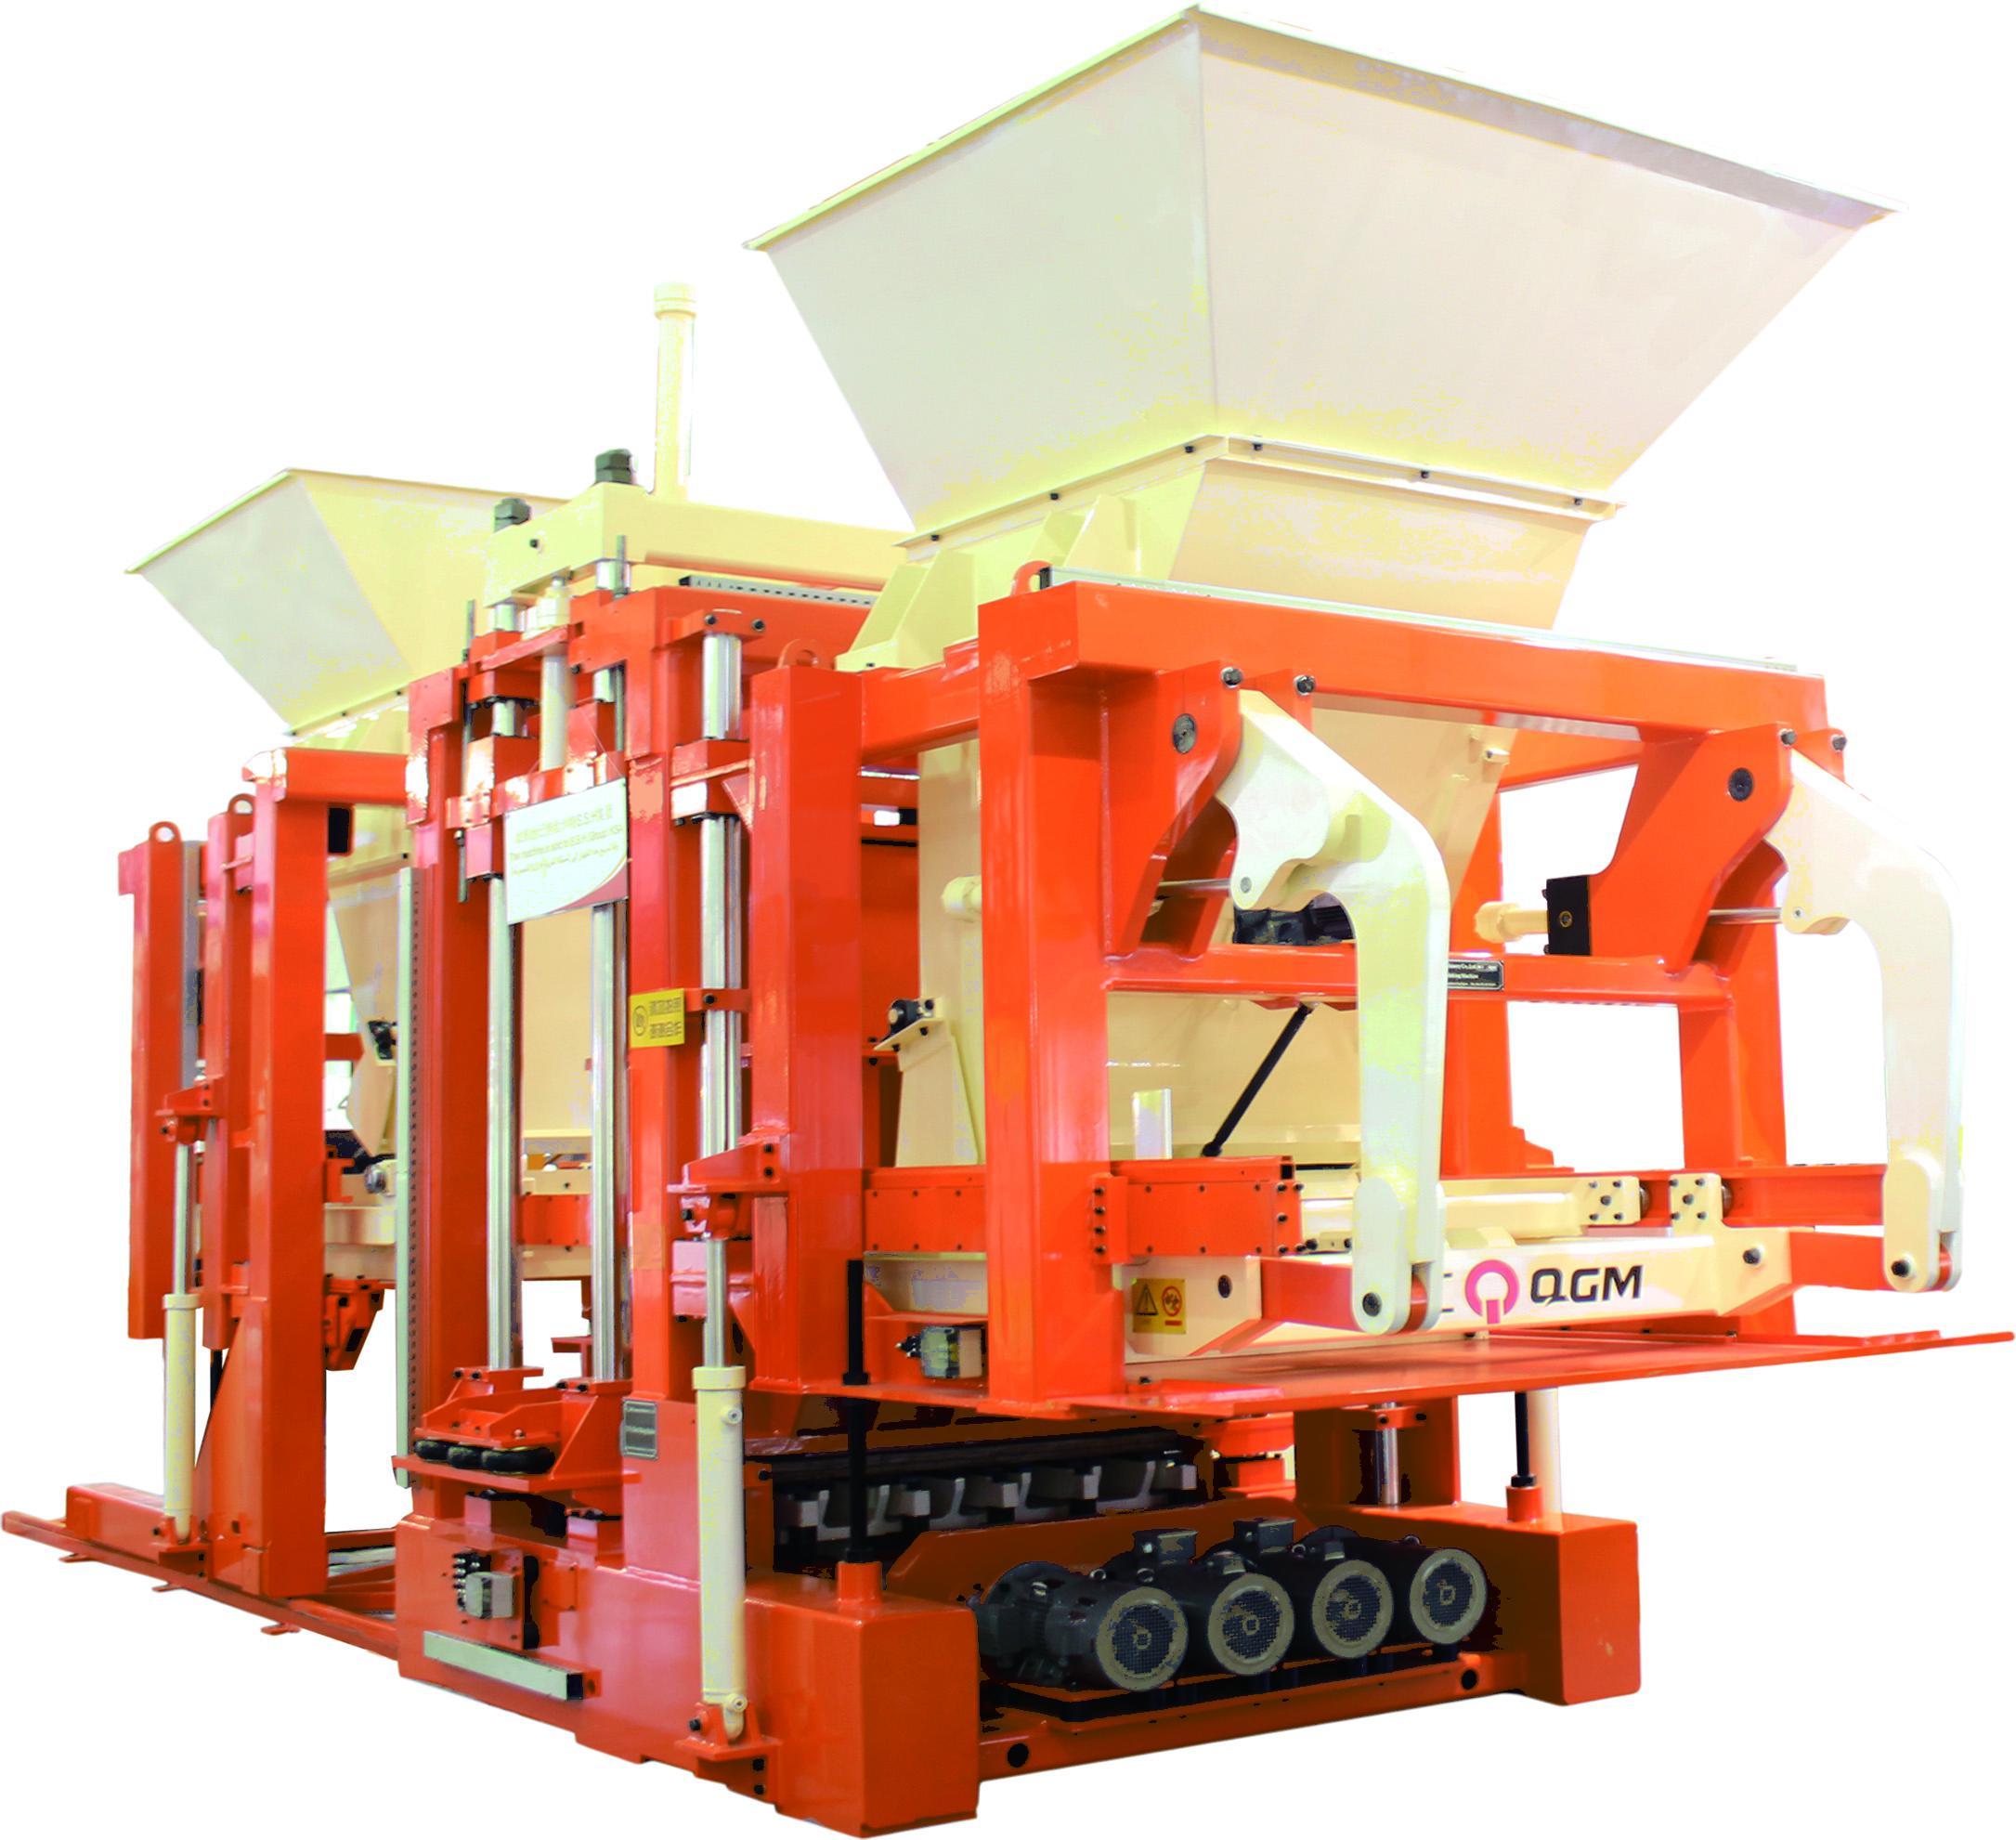 龙岩T15全自动砌块成型机|福建可信赖的T15全自动砌块成型机供应商是哪家